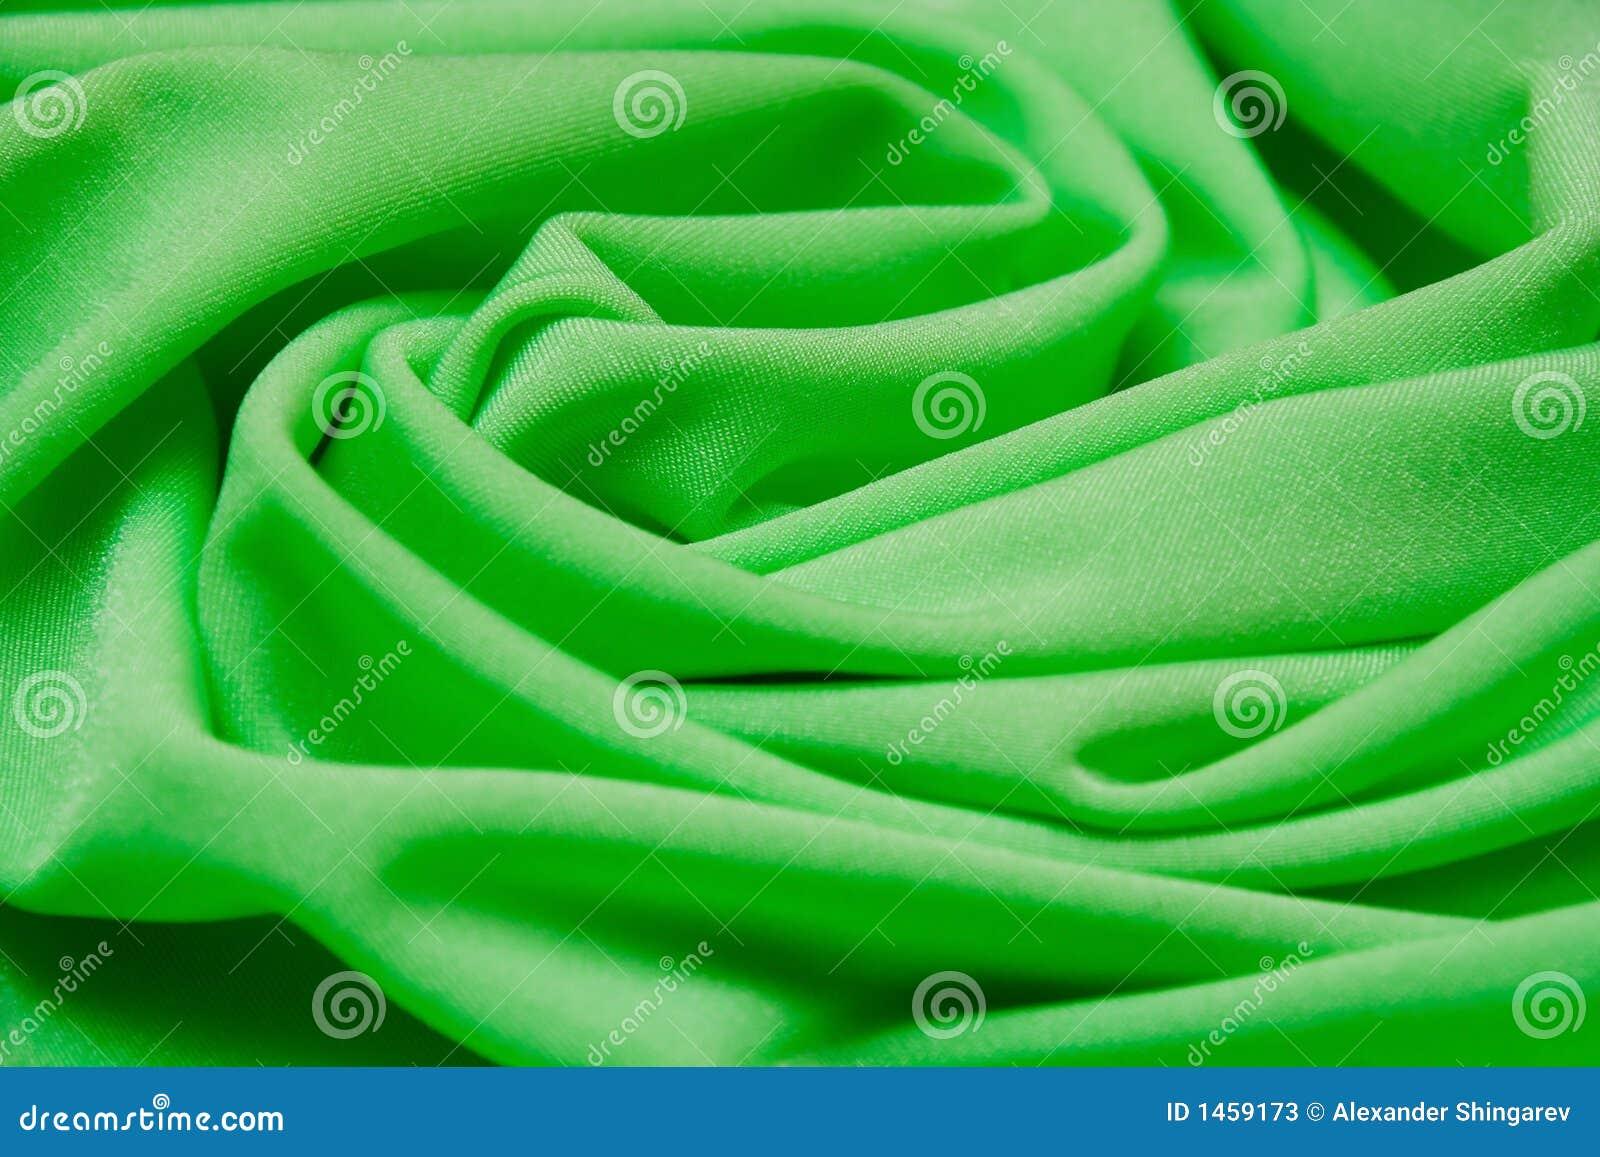 Fondo una tela de seda fotos de archivo imagen 1459173 - Sedas para unas ...